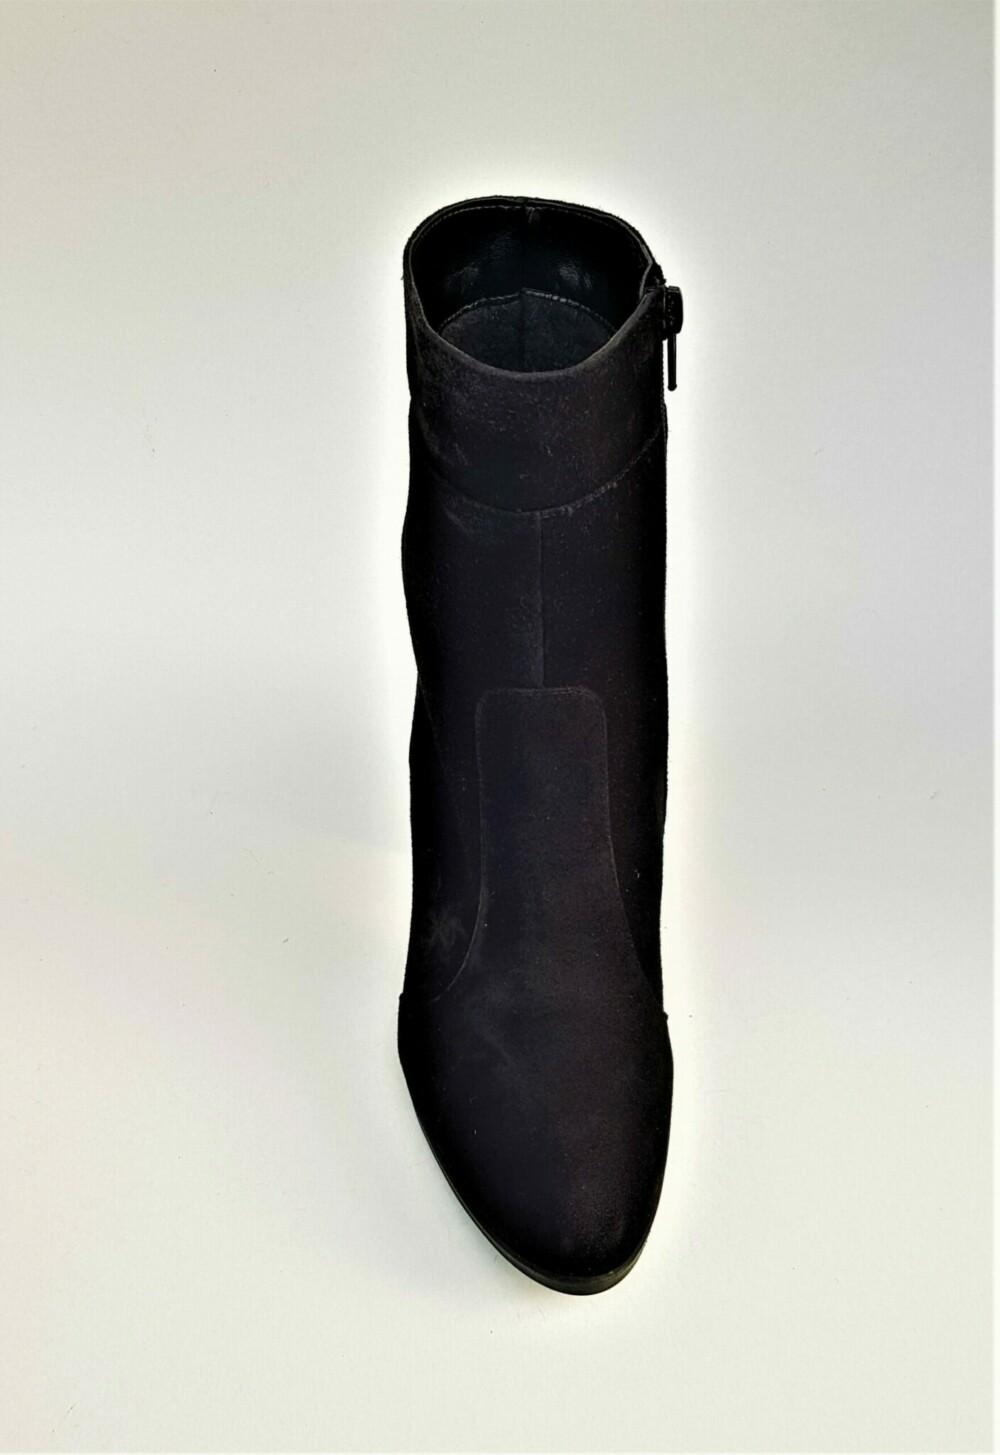 Botine negre din piele naturala catifelata